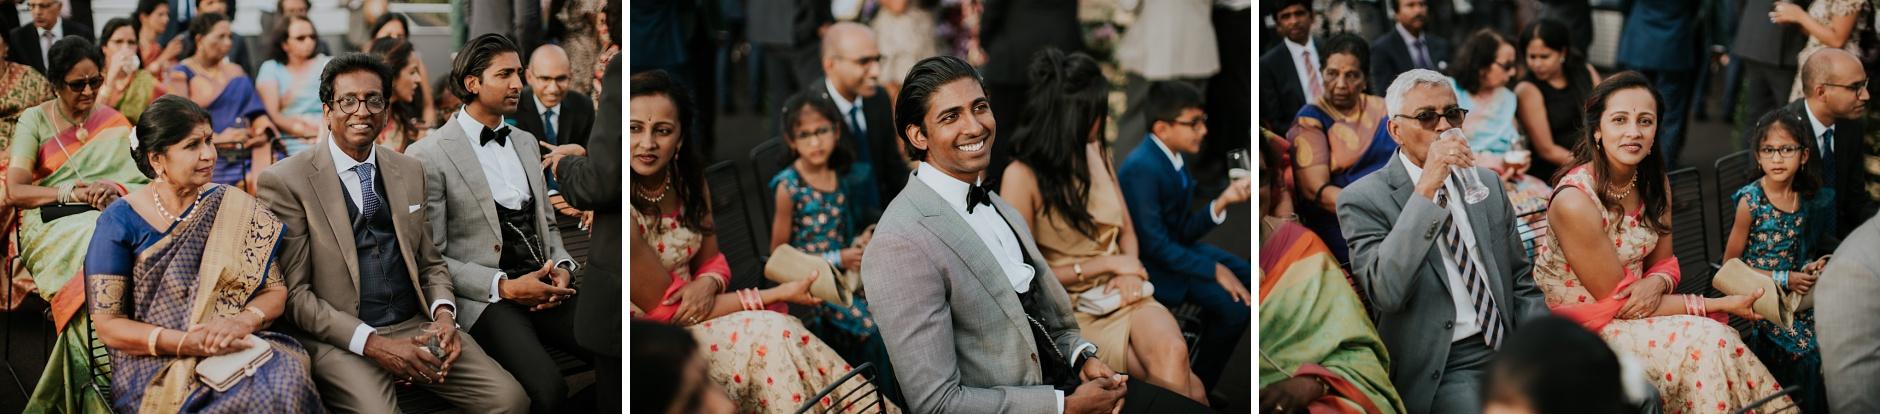 brahman&priyanka1658a_Byron-Bay-Wedding.jpg